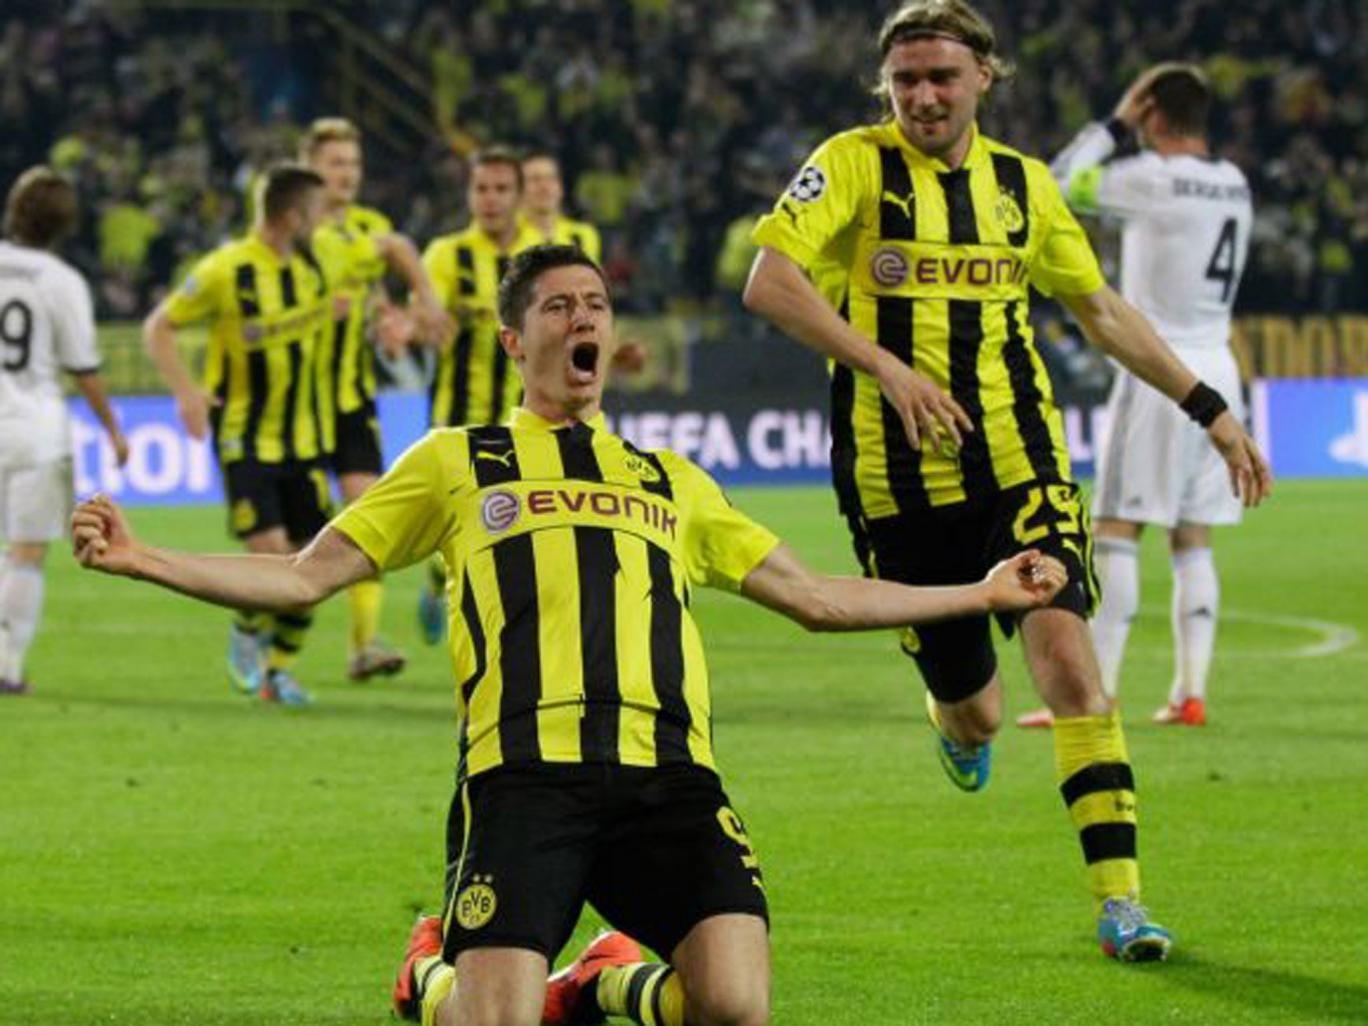 Dortmund's striker Robert Lewandowski is wanted by Bayern Munich